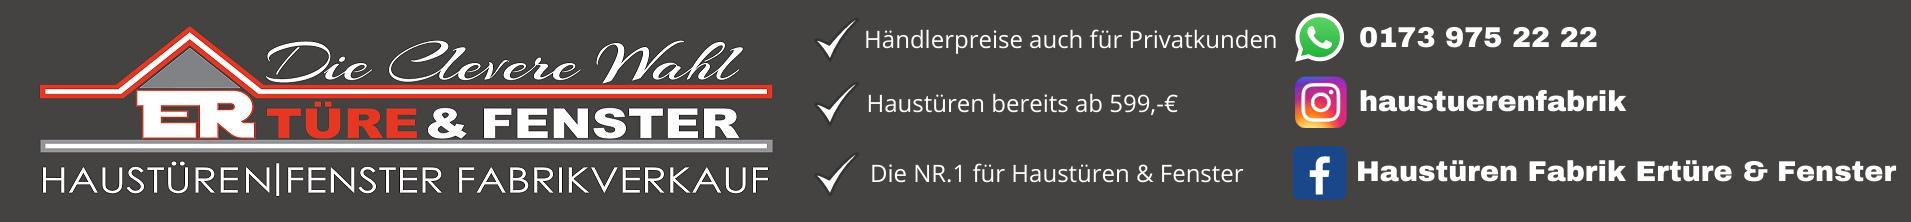 ER Türe & Fenster Logo